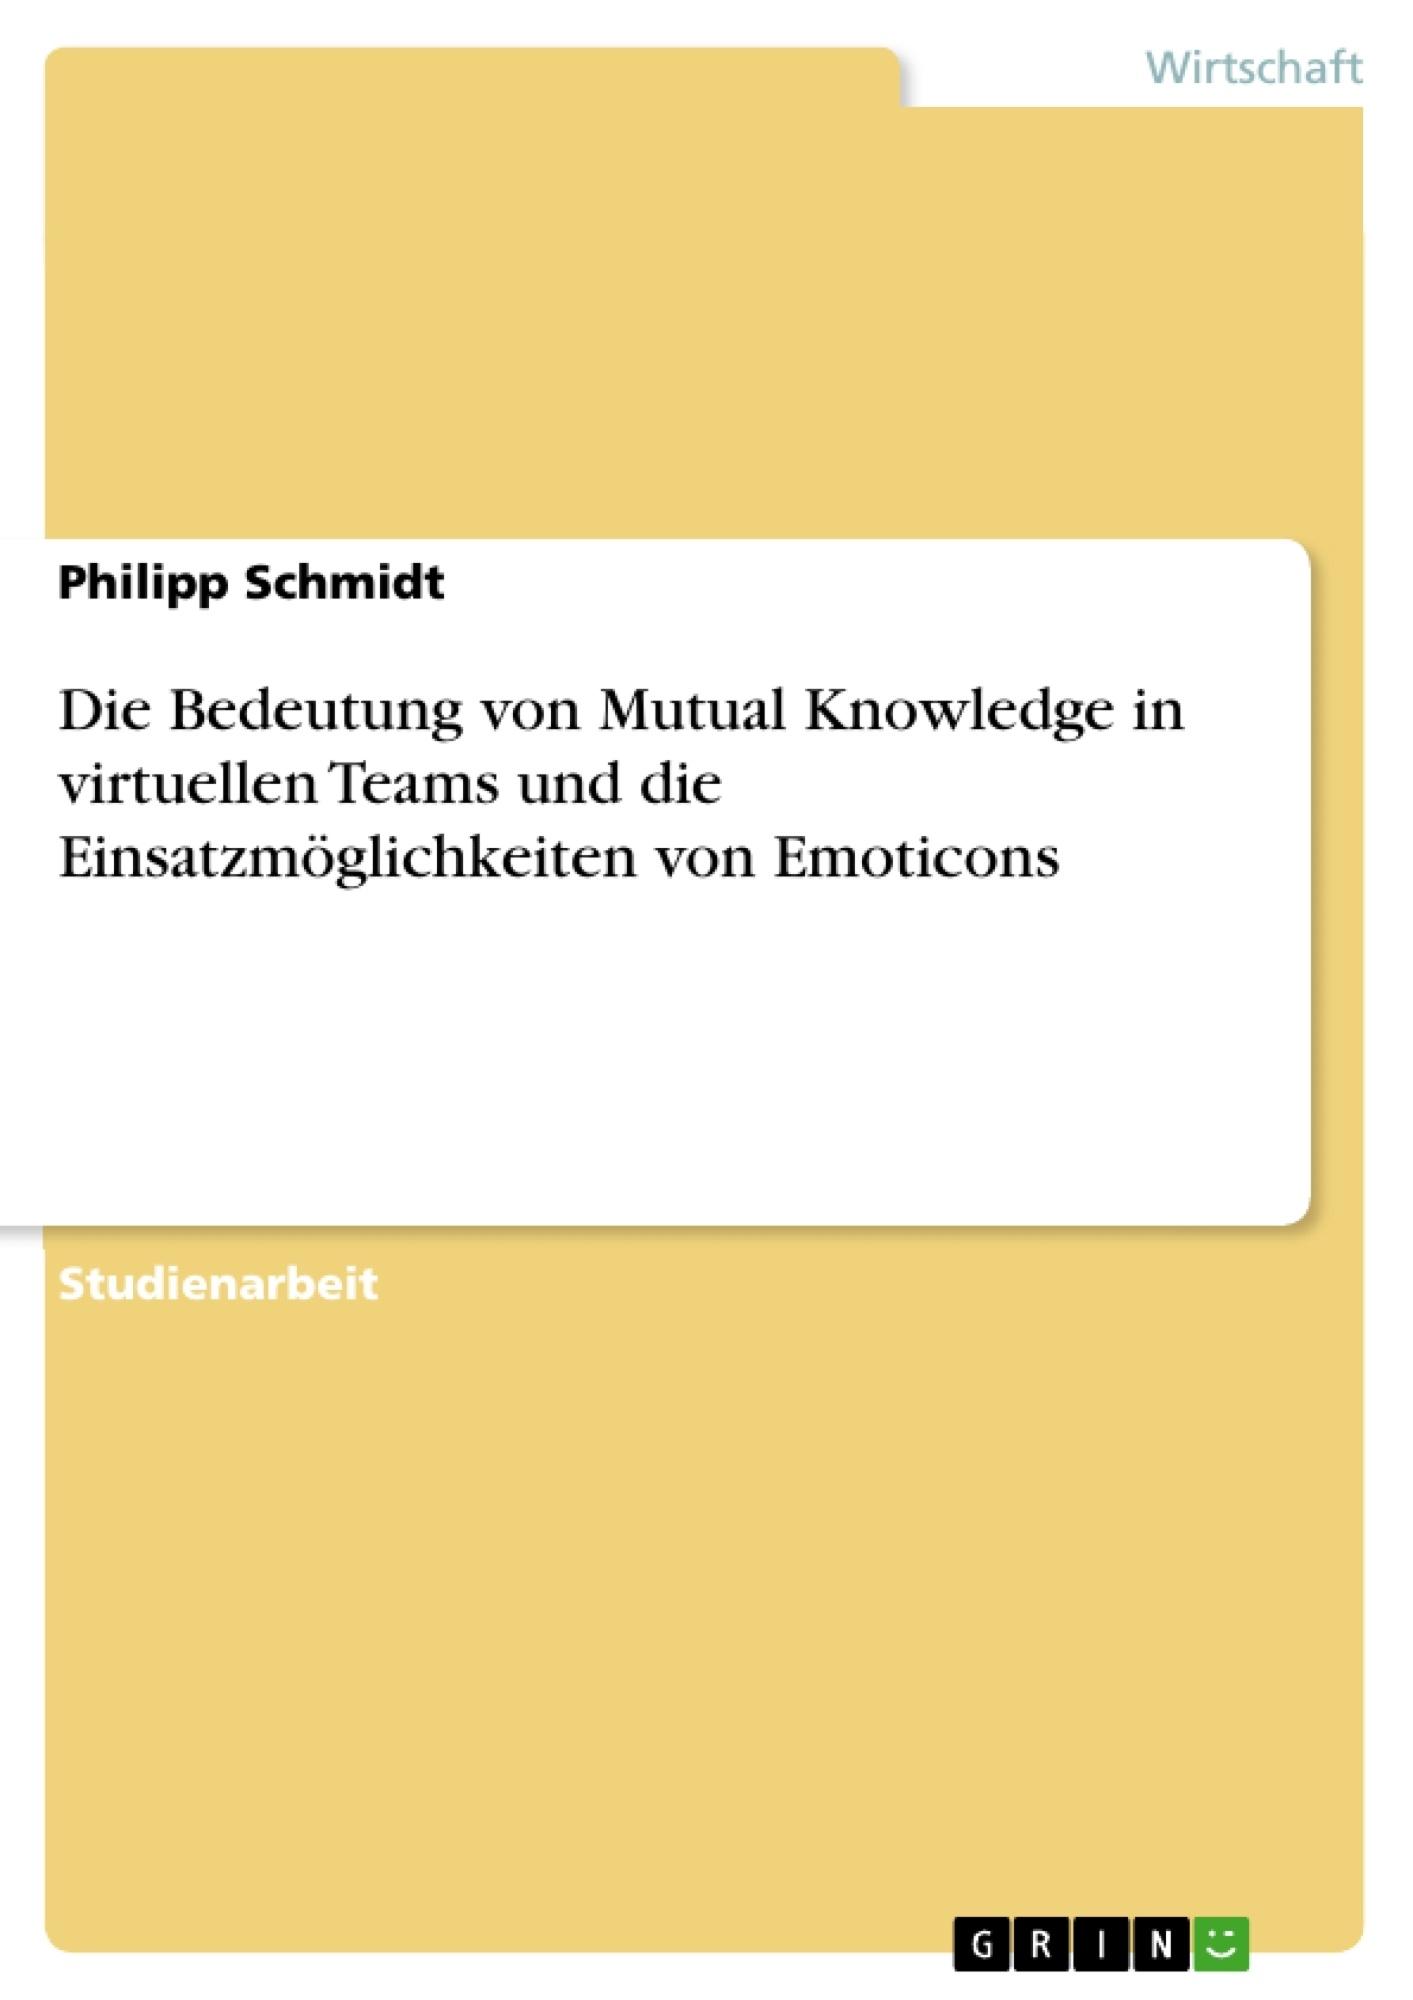 Titel: Die Bedeutung von Mutual Knowledge in virtuellen Teams und die Einsatzmöglichkeiten von Emoticons